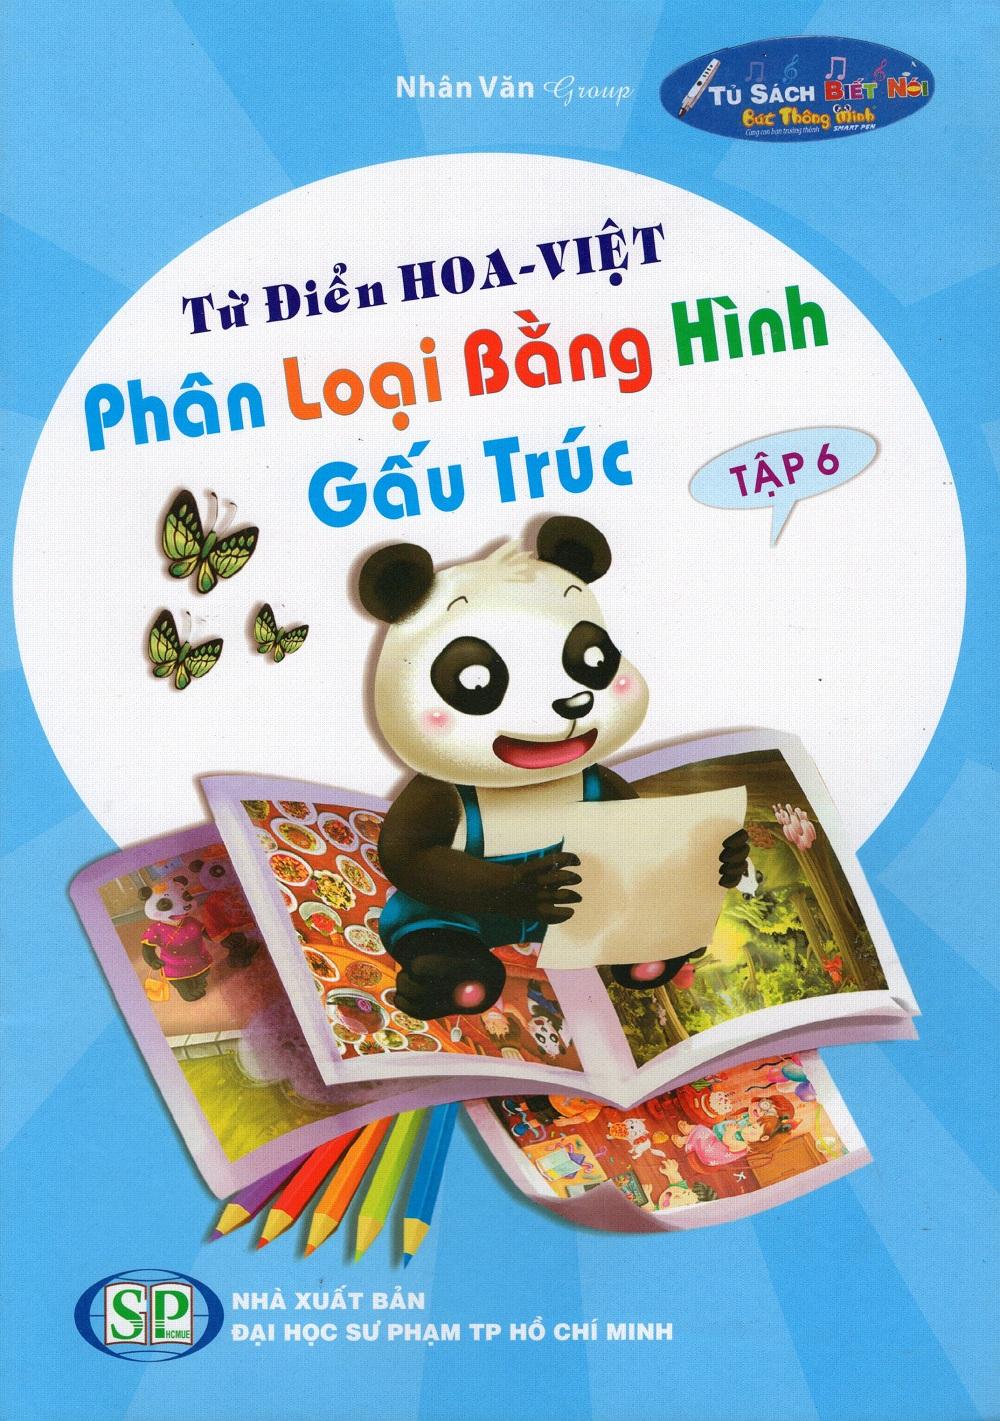 Bìa sách Từ Điển Hoa - Việt Phân Loại Bằng Hình Gấu Trúc (Tập 6)